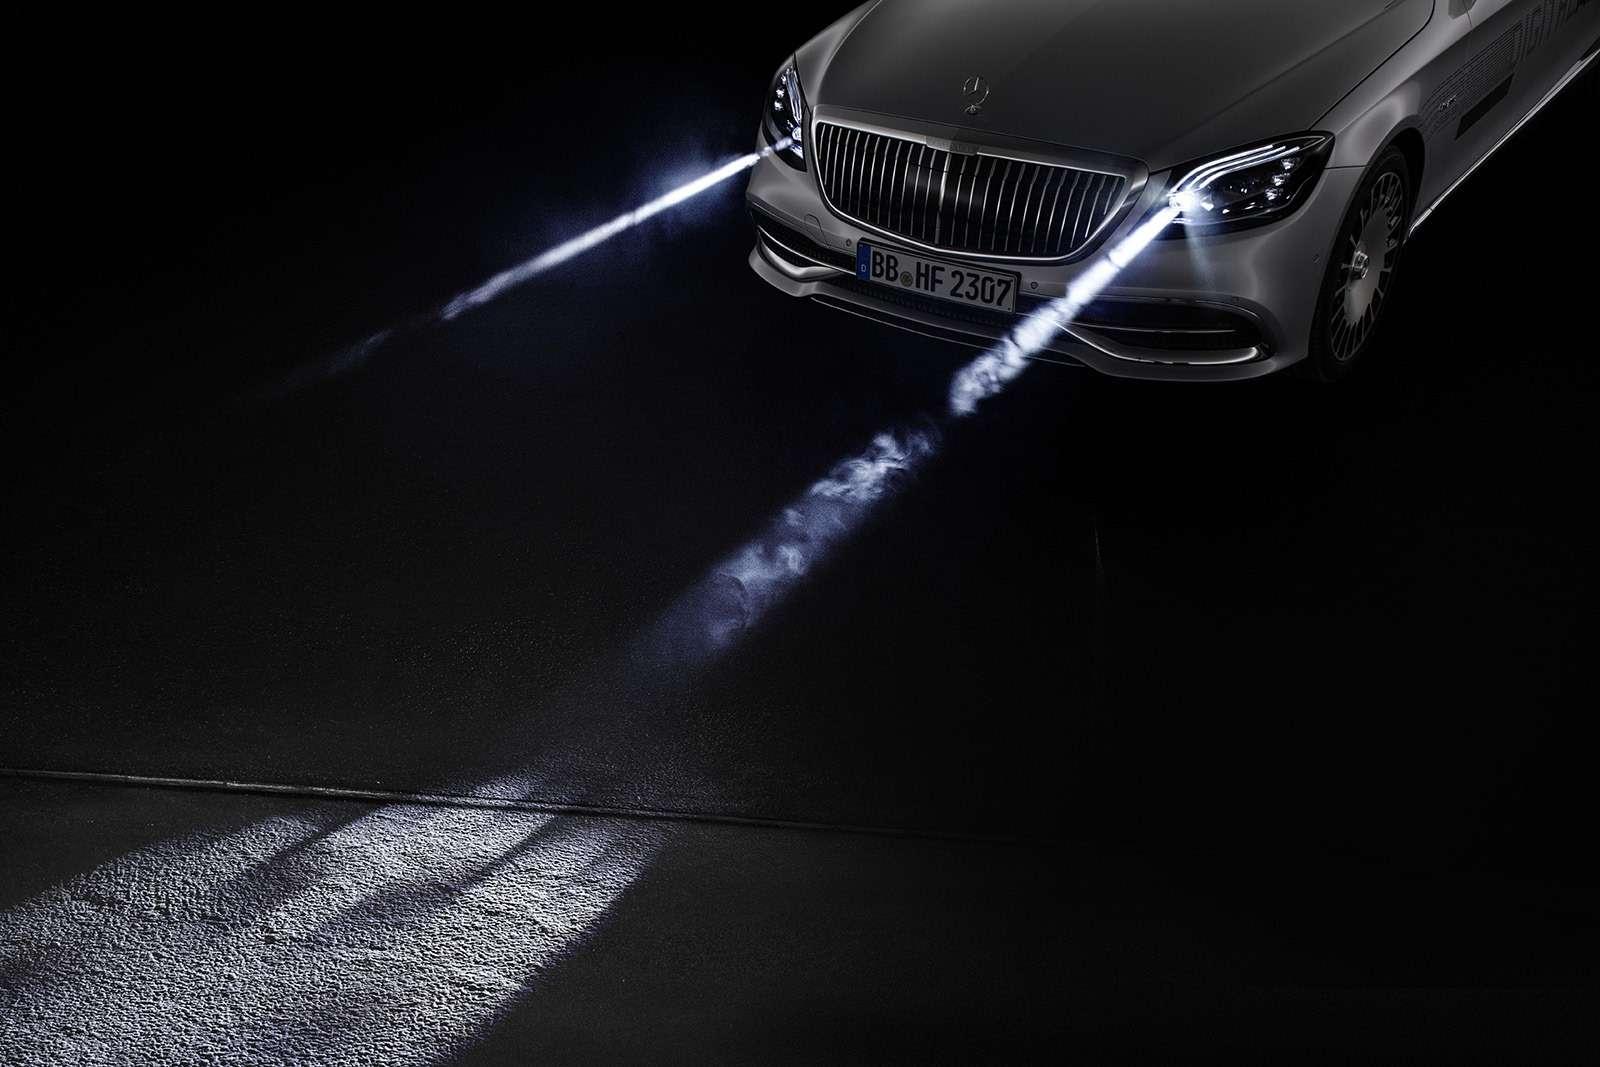 «Я рисую на асфальте»: Mercedes-Maybach представил уникальные фары - фото 851500